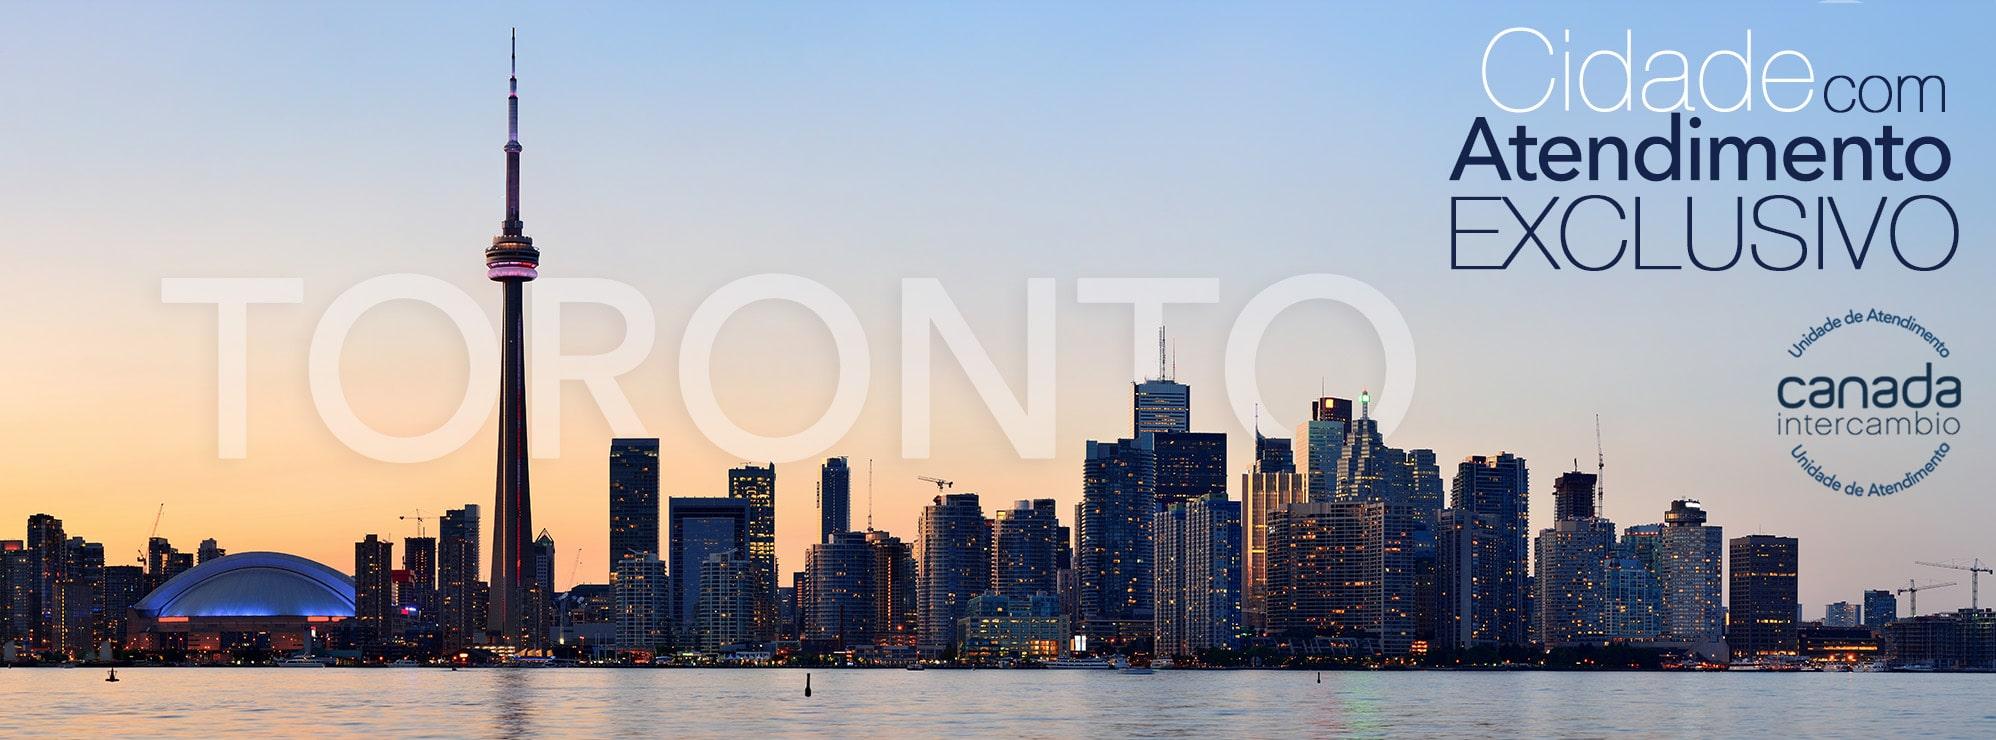 Cidade em atendimento exclusivo aos alunos Canada Intercambio